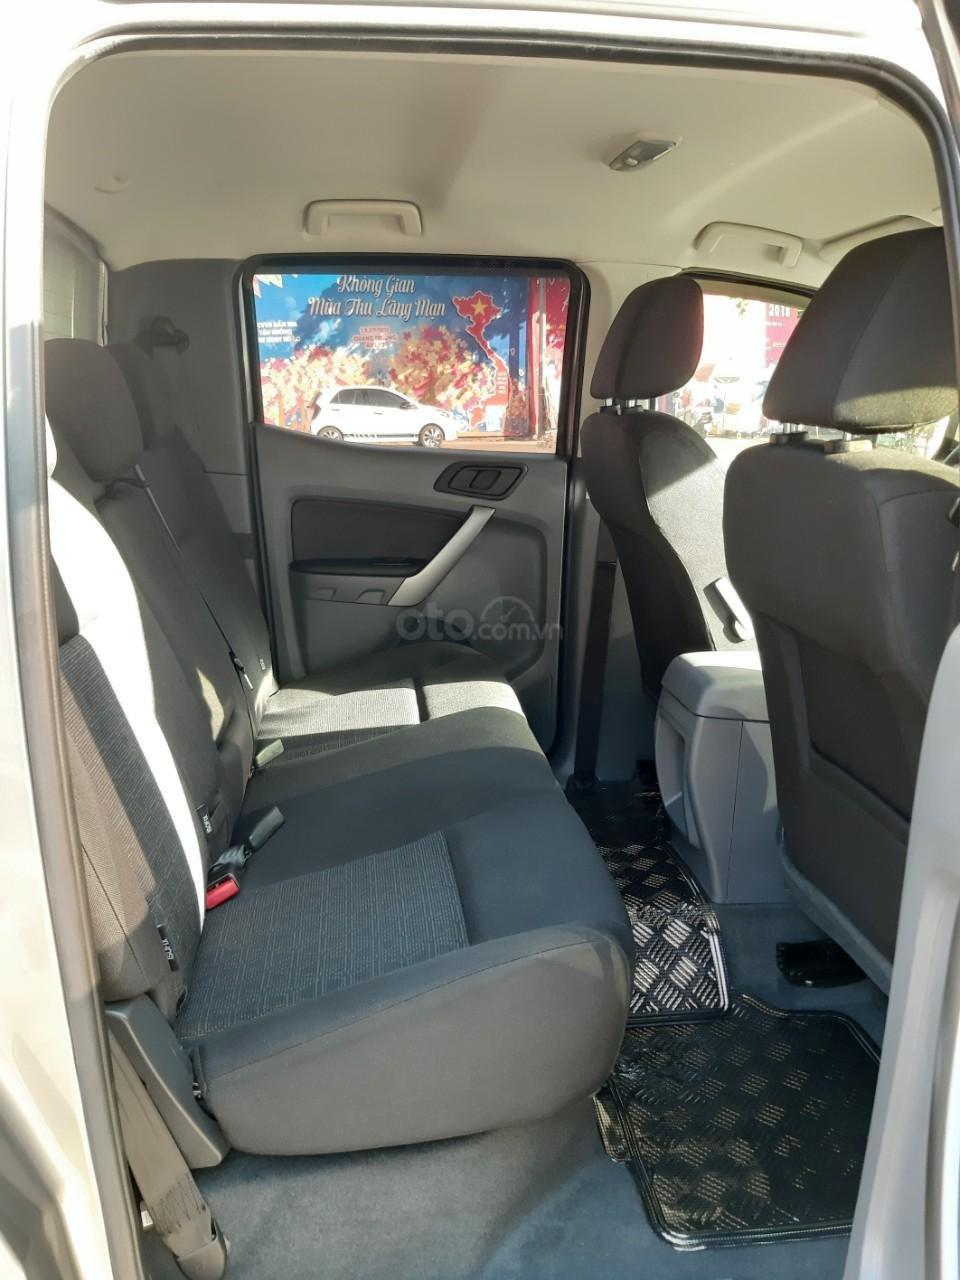 Bán Ford Ranger XLS model 2017, màu bạc, nhập khẩu, gắn thêm thùng còn mới toanh, giá 600tr-14